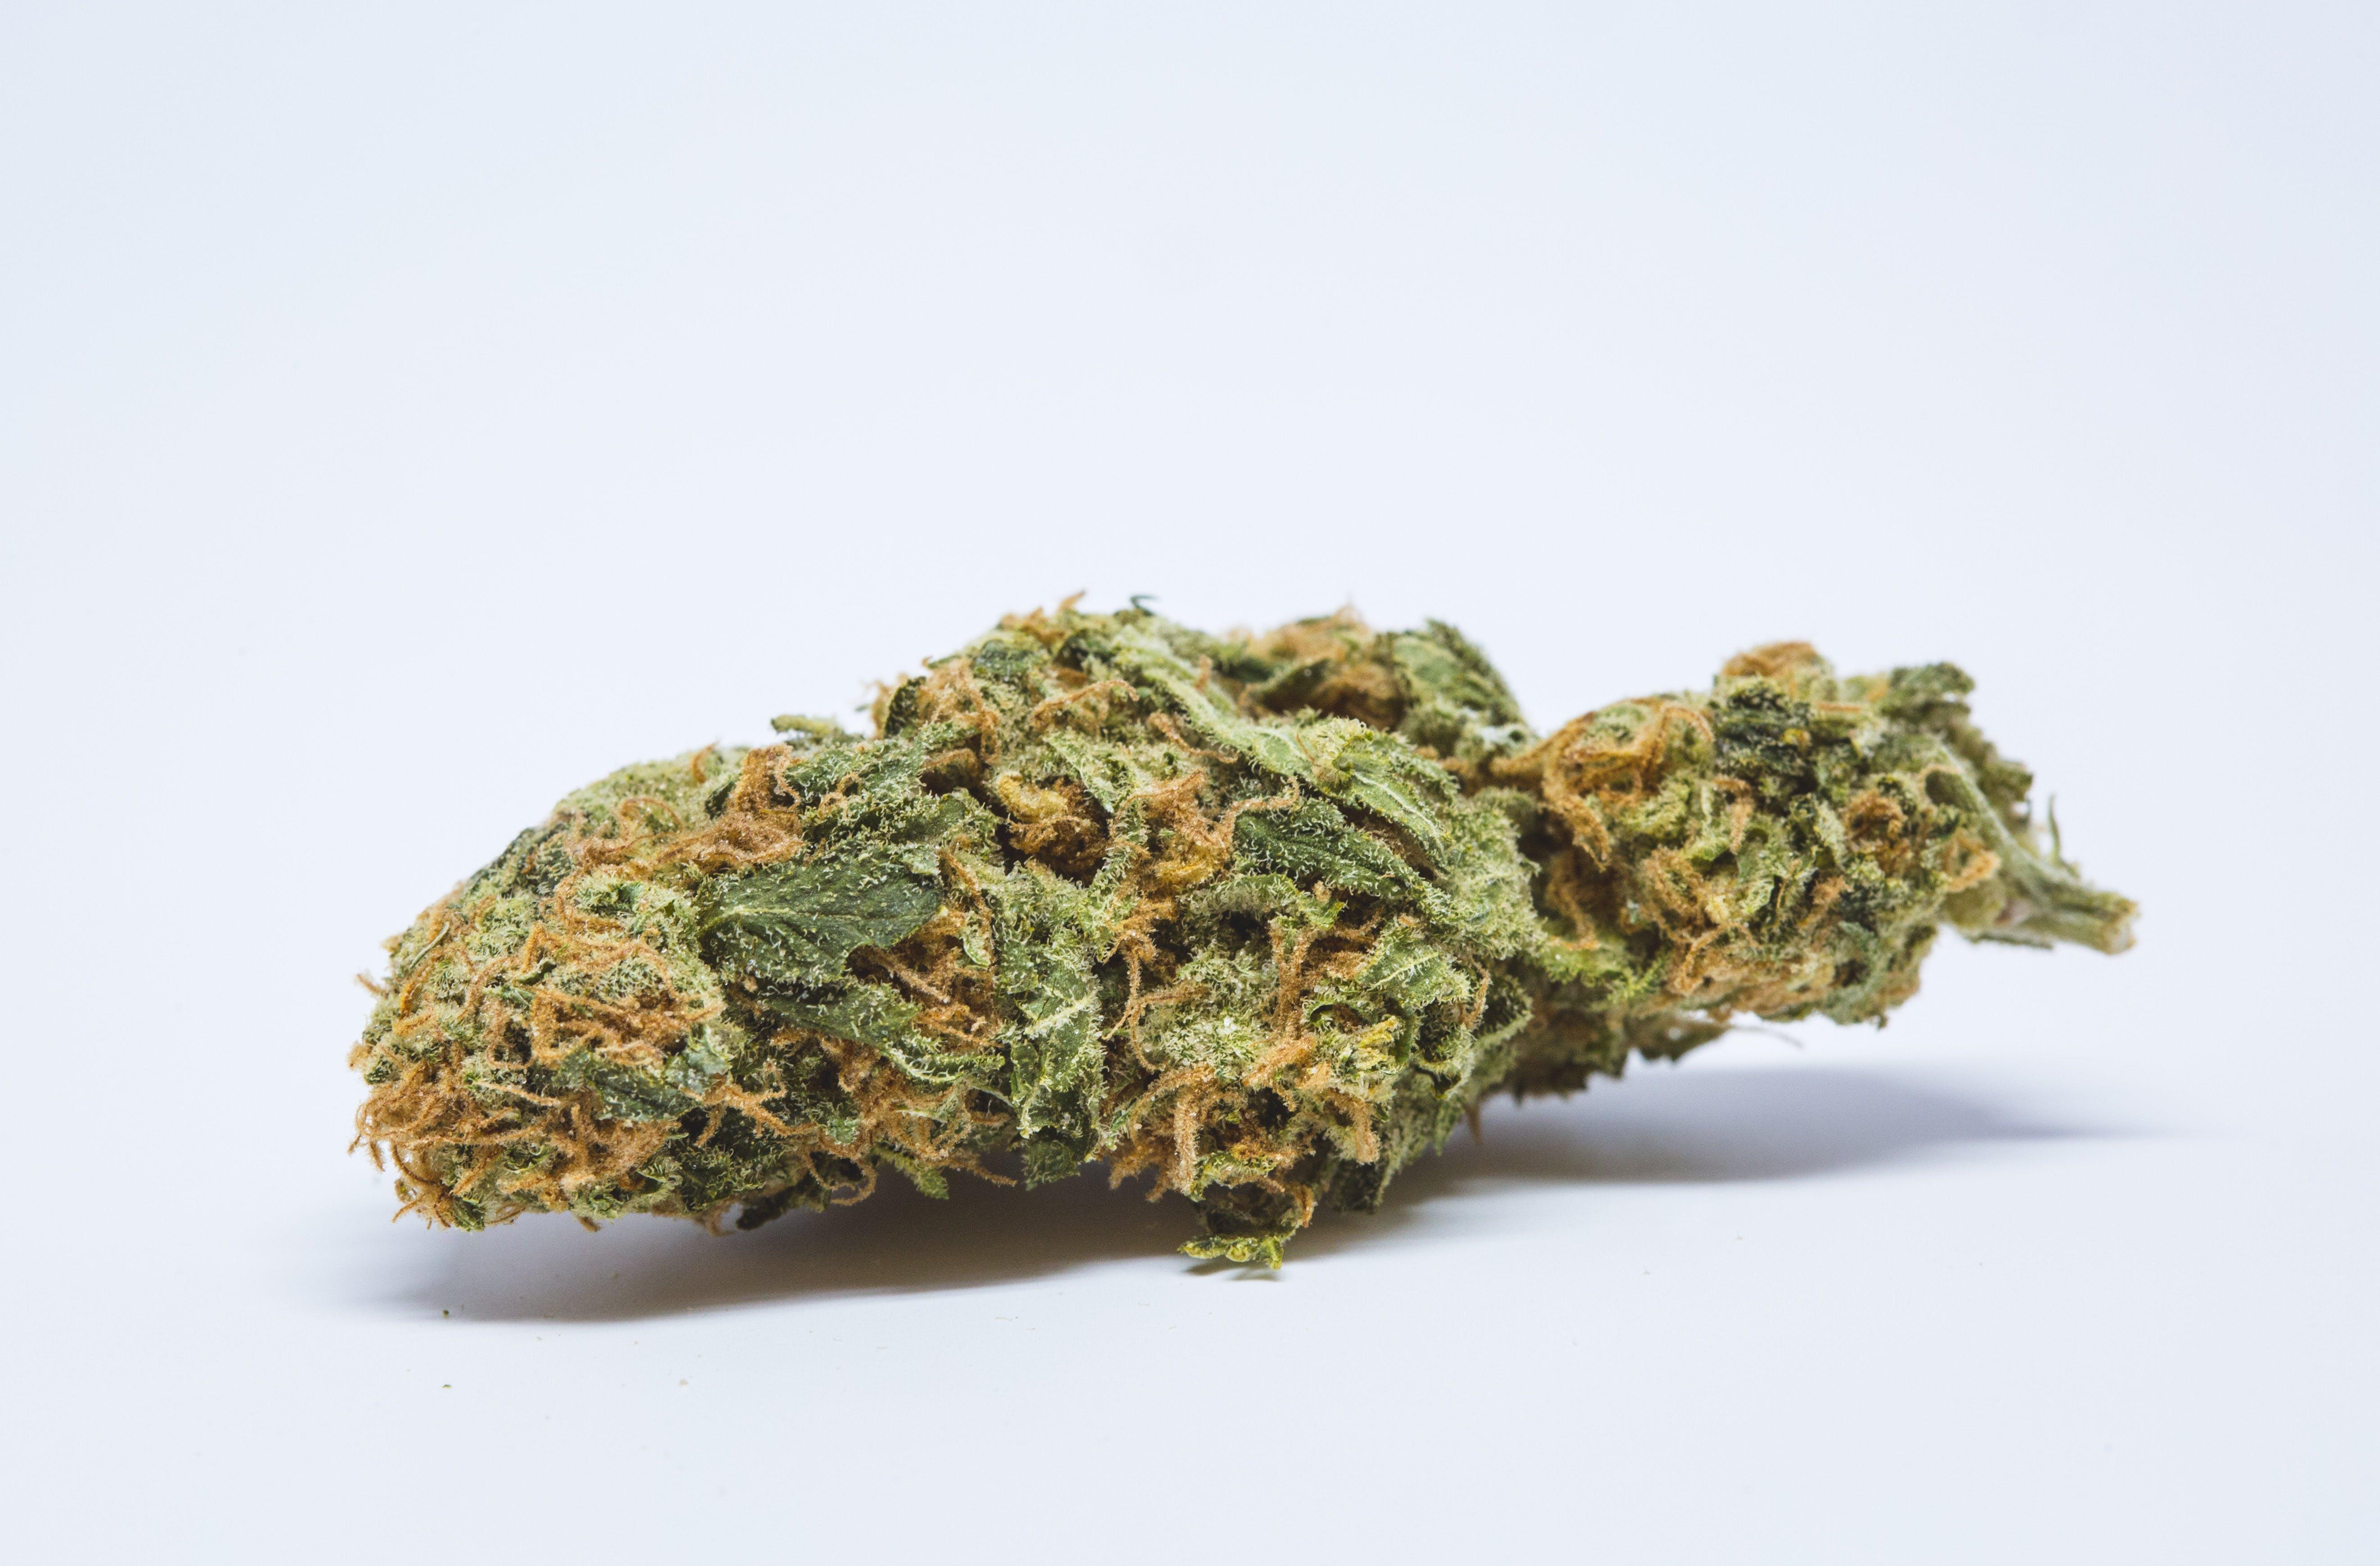 Nebula II CBD Weed Strain; Nebula II CBD Cannabis Strain, Nebula II CBD Hybrid Marijuana Strain